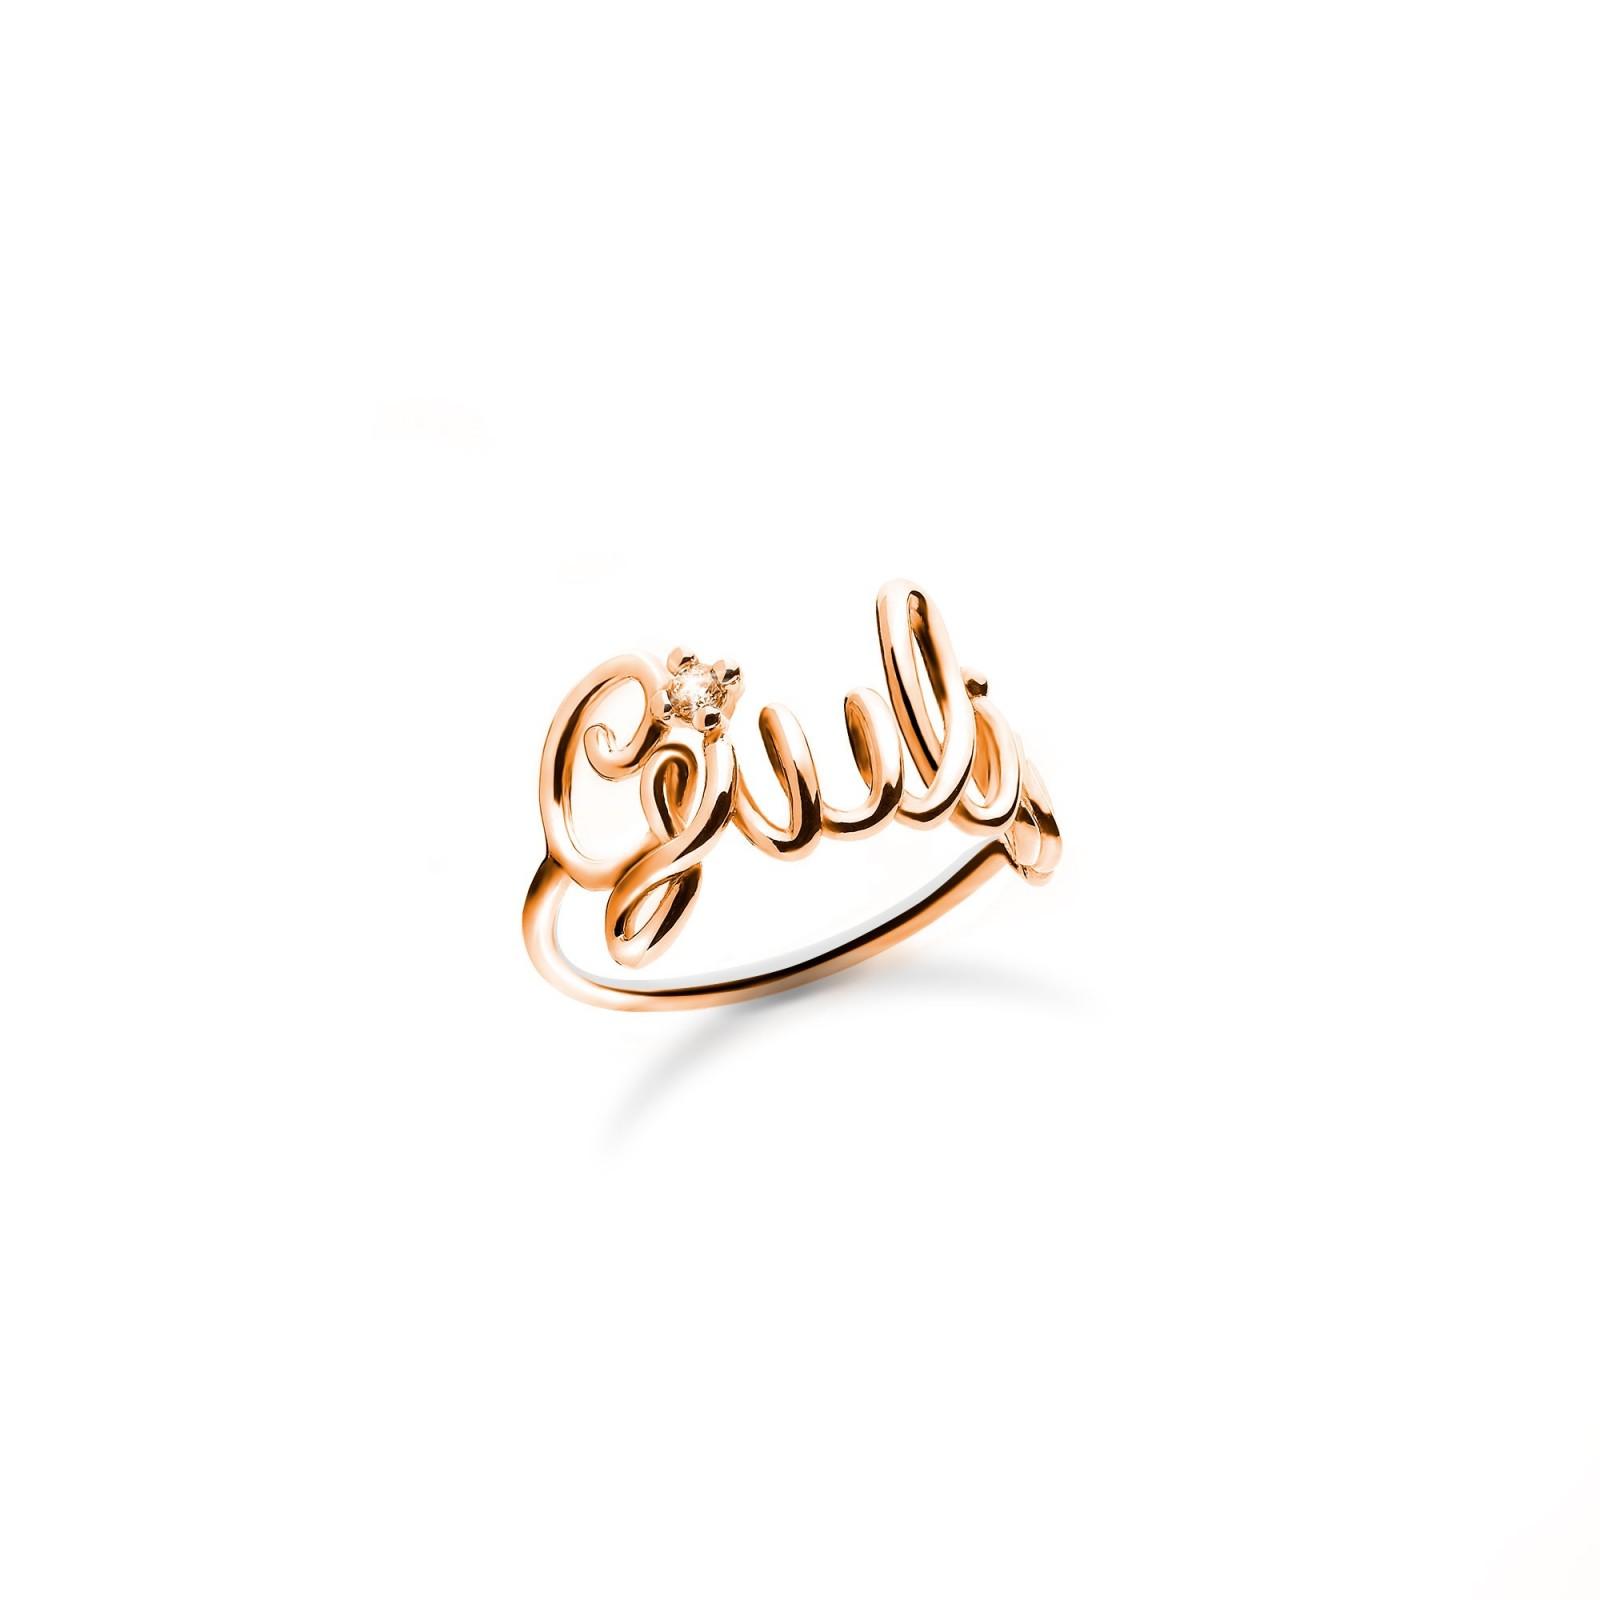 Famoso Anello con nome in argento placcato oro rosa 18k - Maison Gioielli AH06